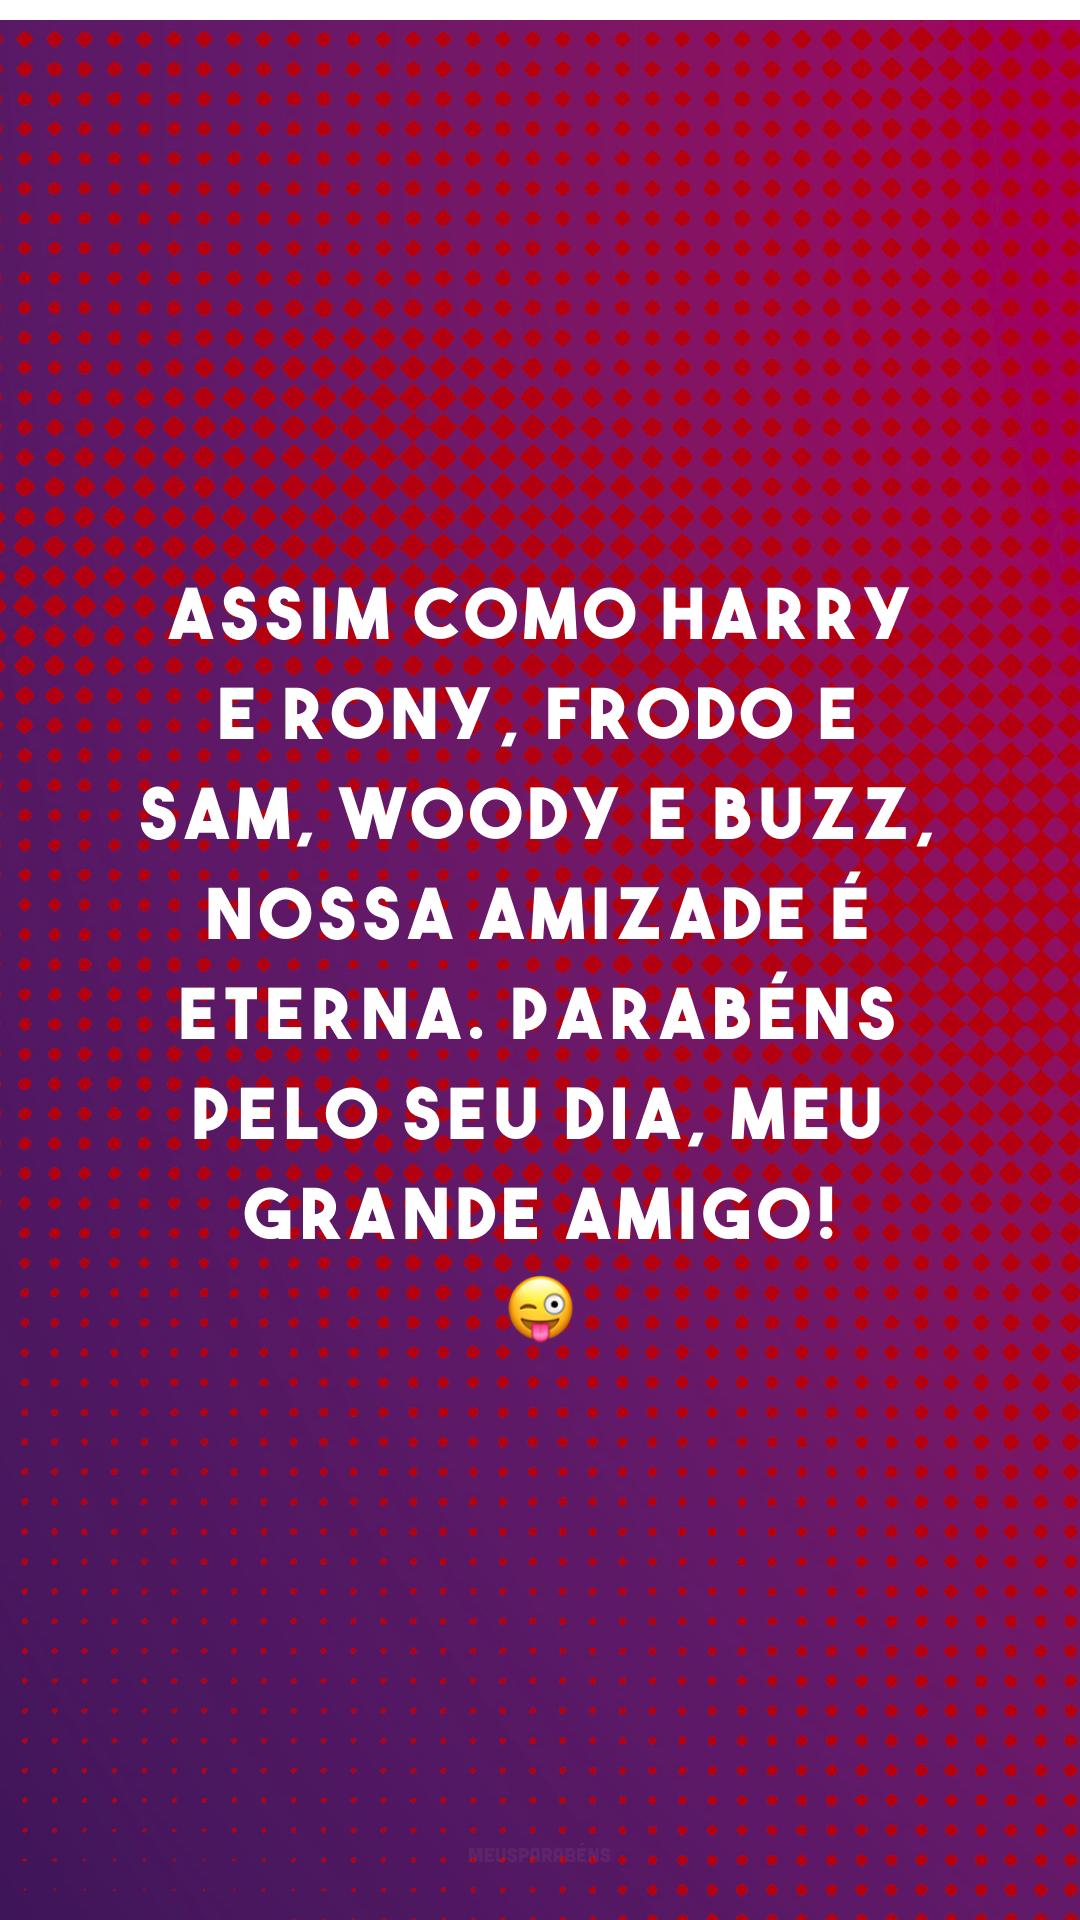 Assim como Harry e Rony, Frodo e Sam, Woody e Buzz, nossa amizade é eterna. Parabéns pelo seu dia, meu grande amigo! 😜